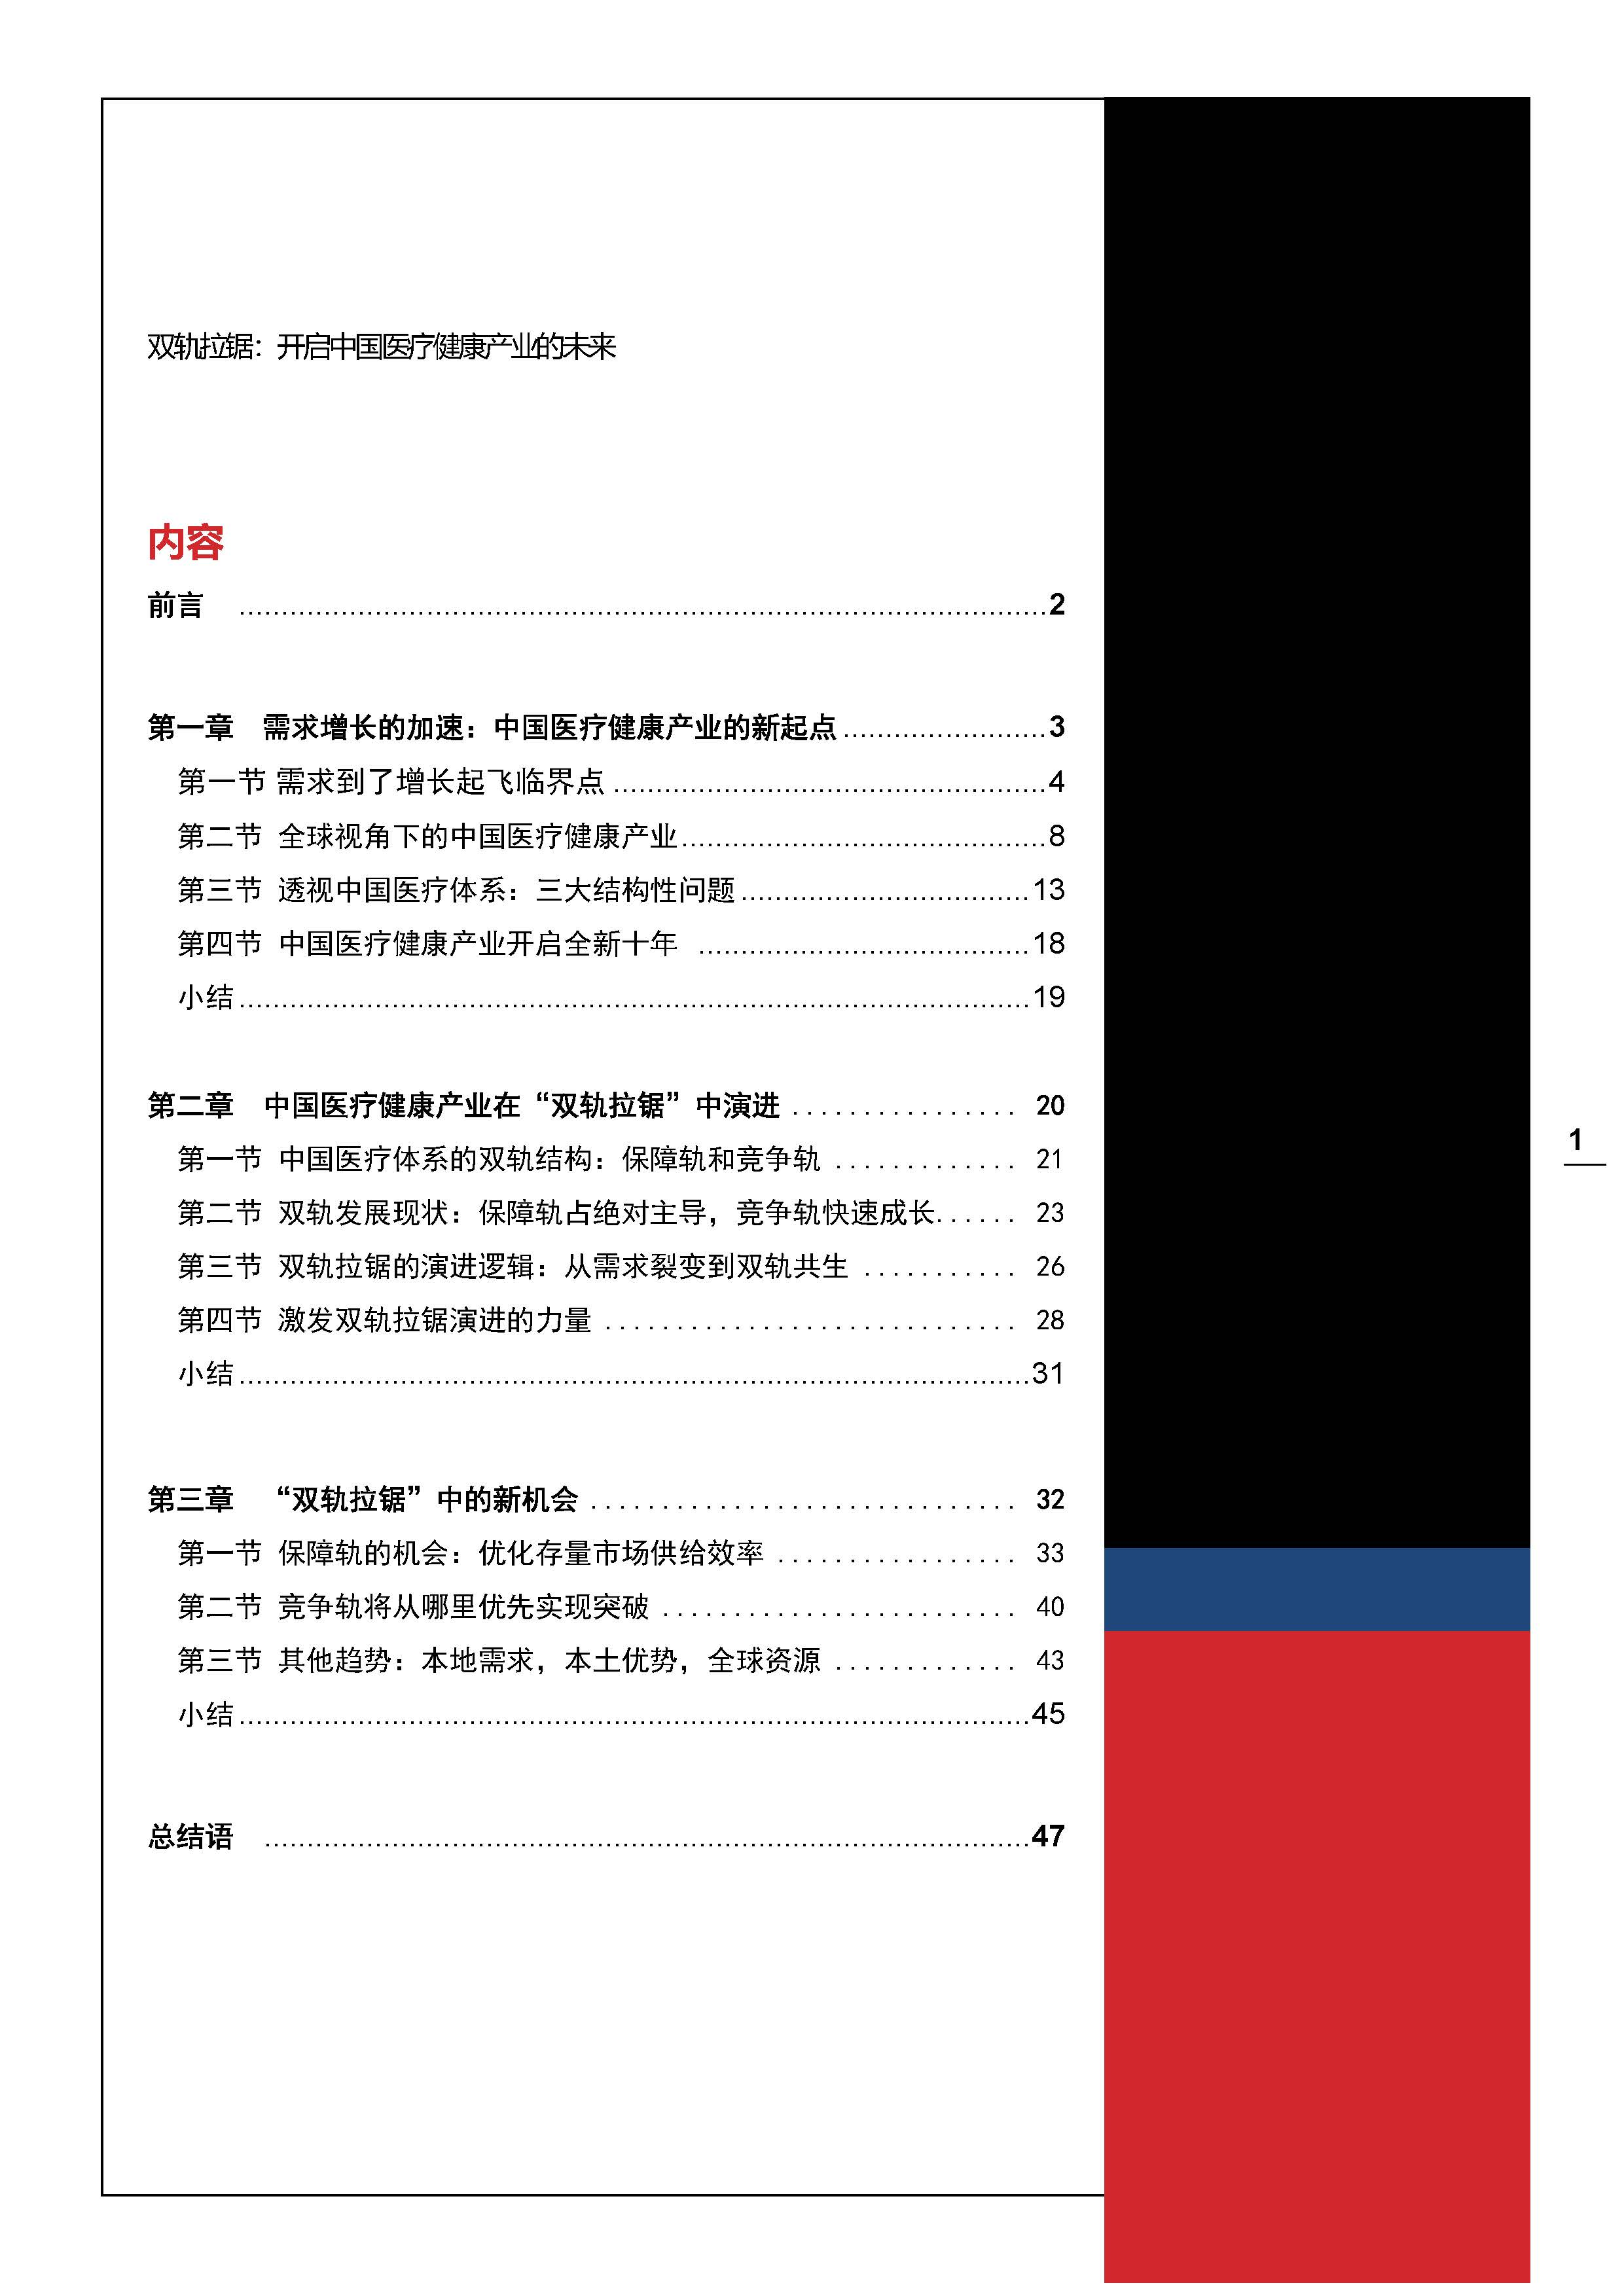 清华研究院:《中国医疗健康产业的未来》